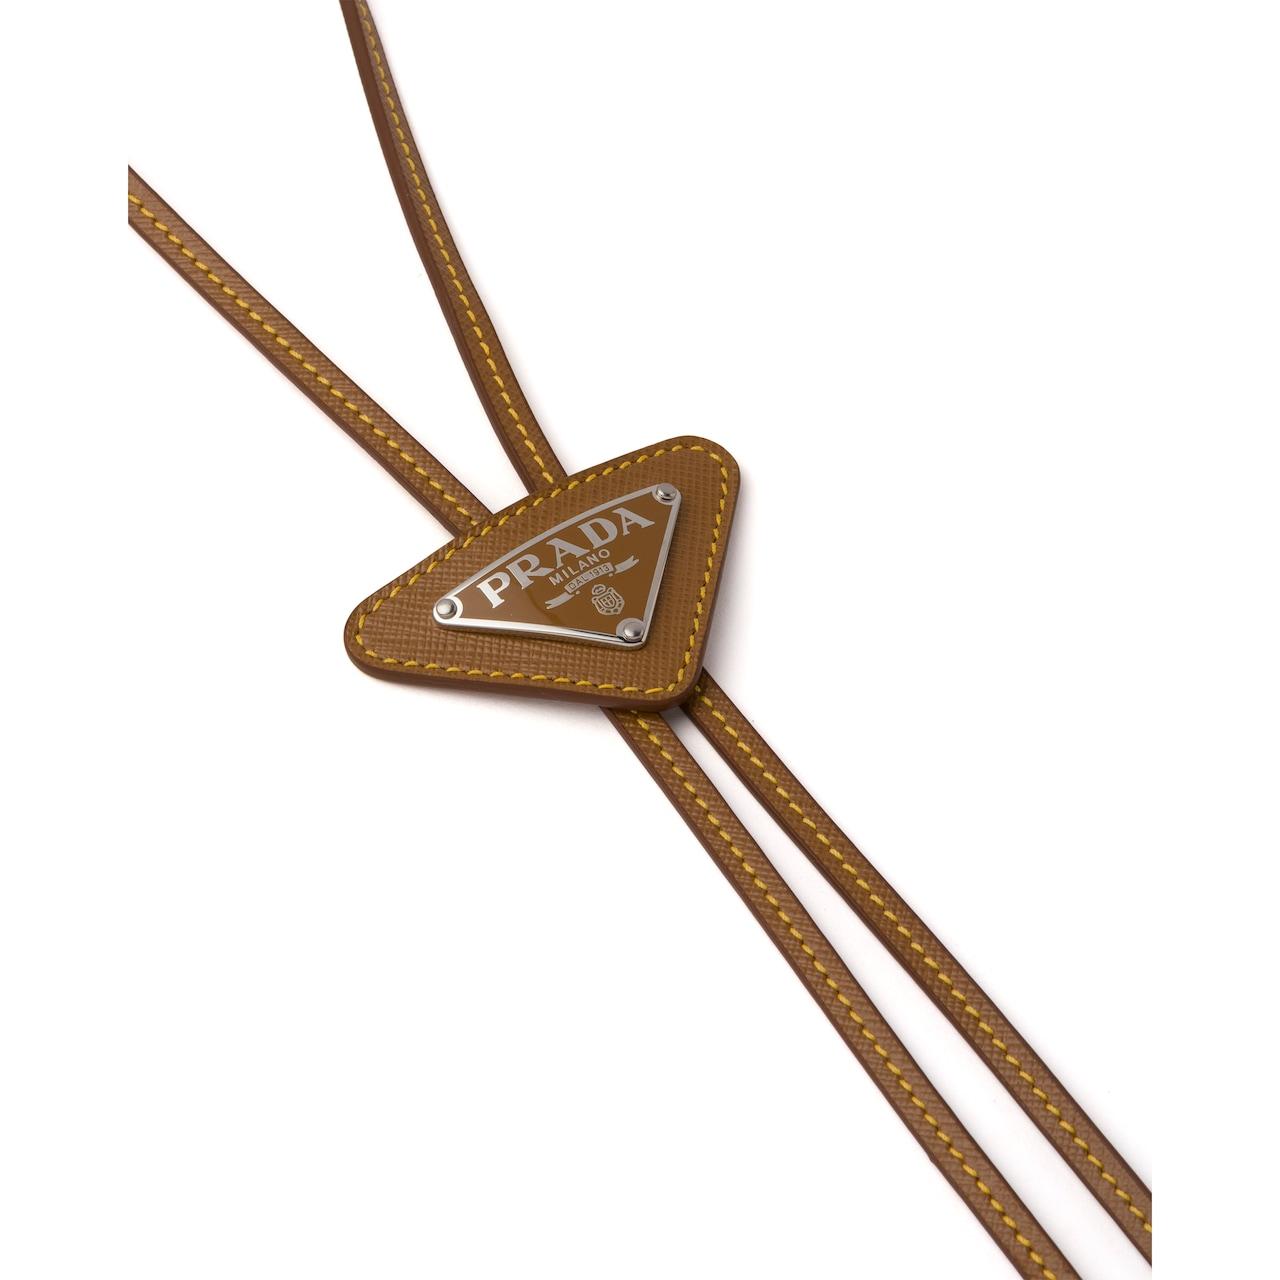 Prada Saffiano Leather Bolo Tie 3